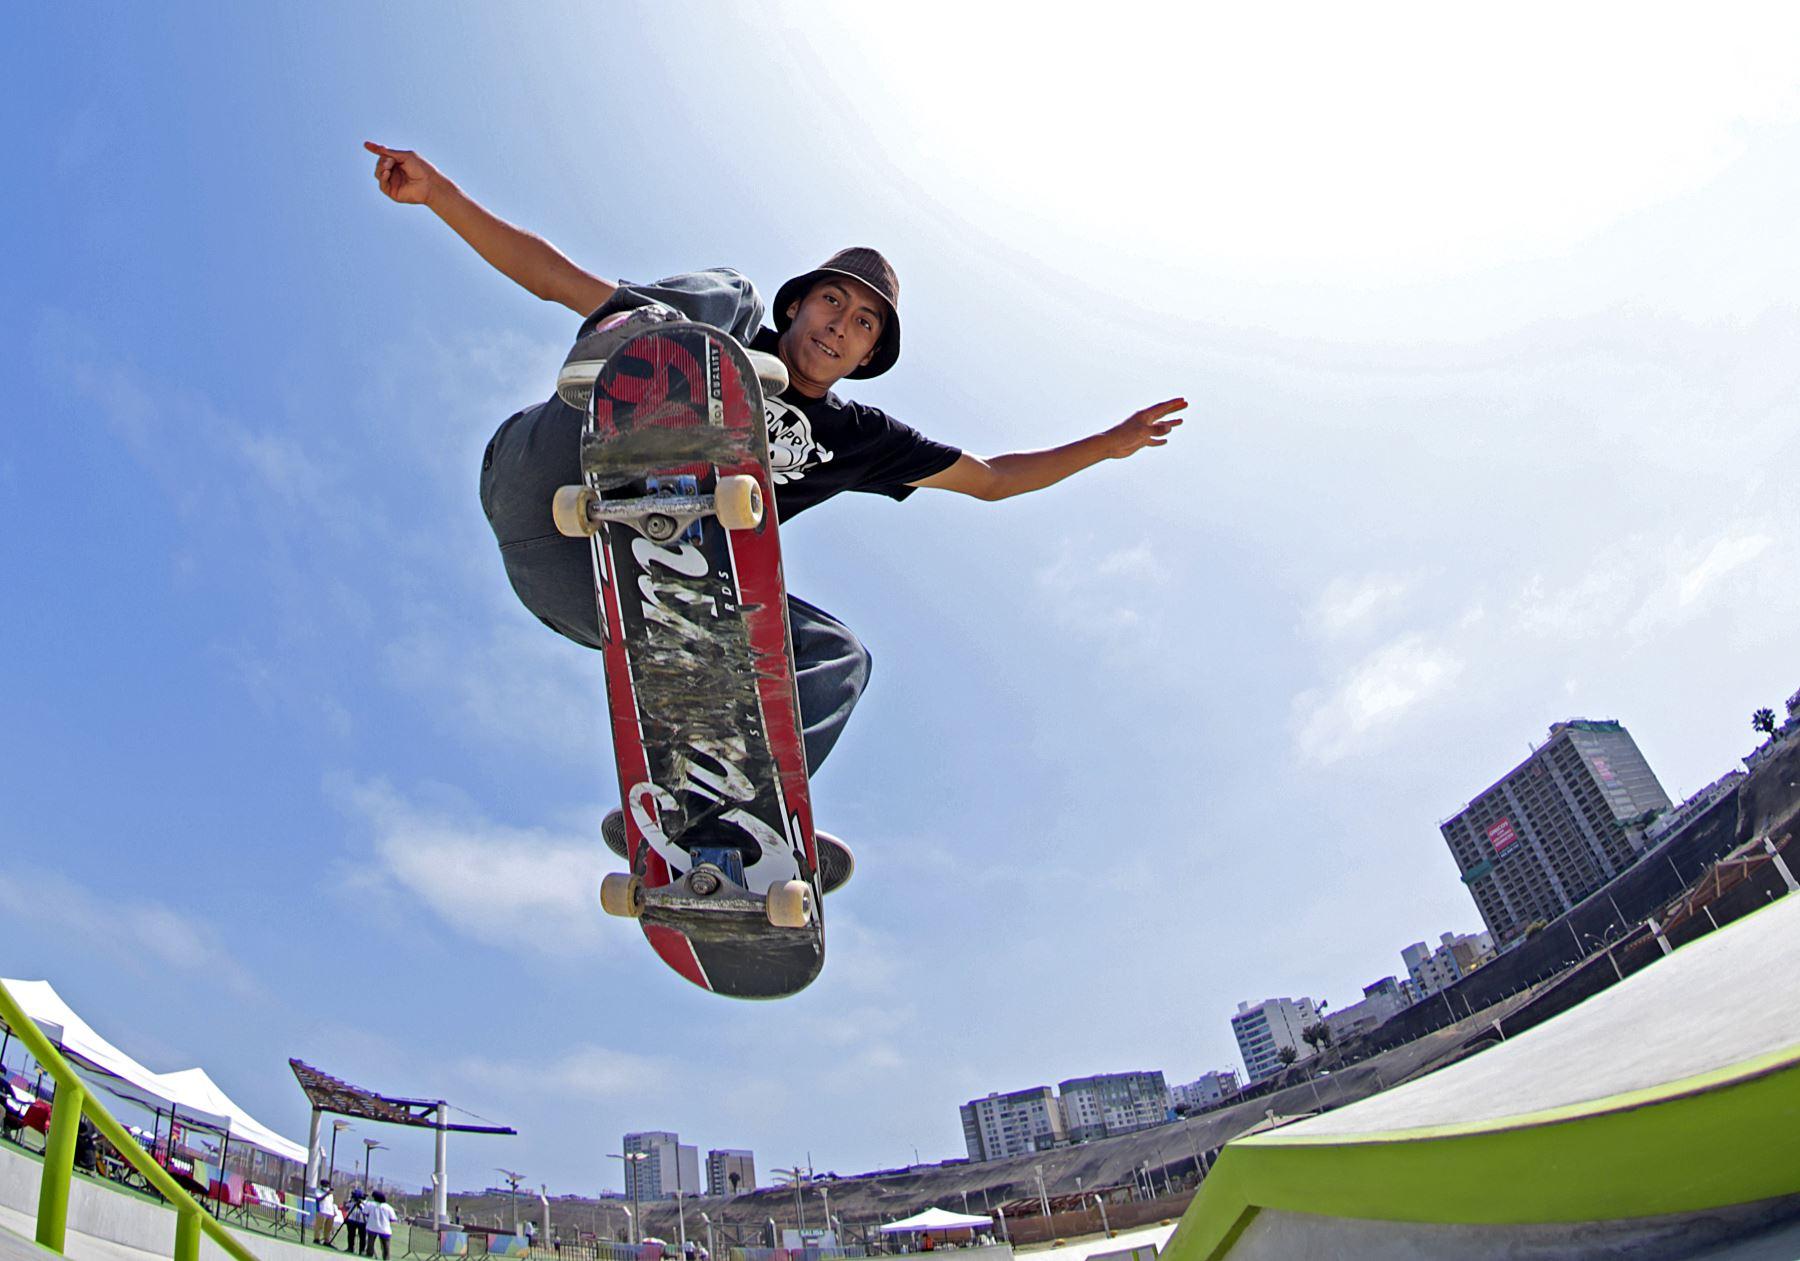 Skateboarding, skate